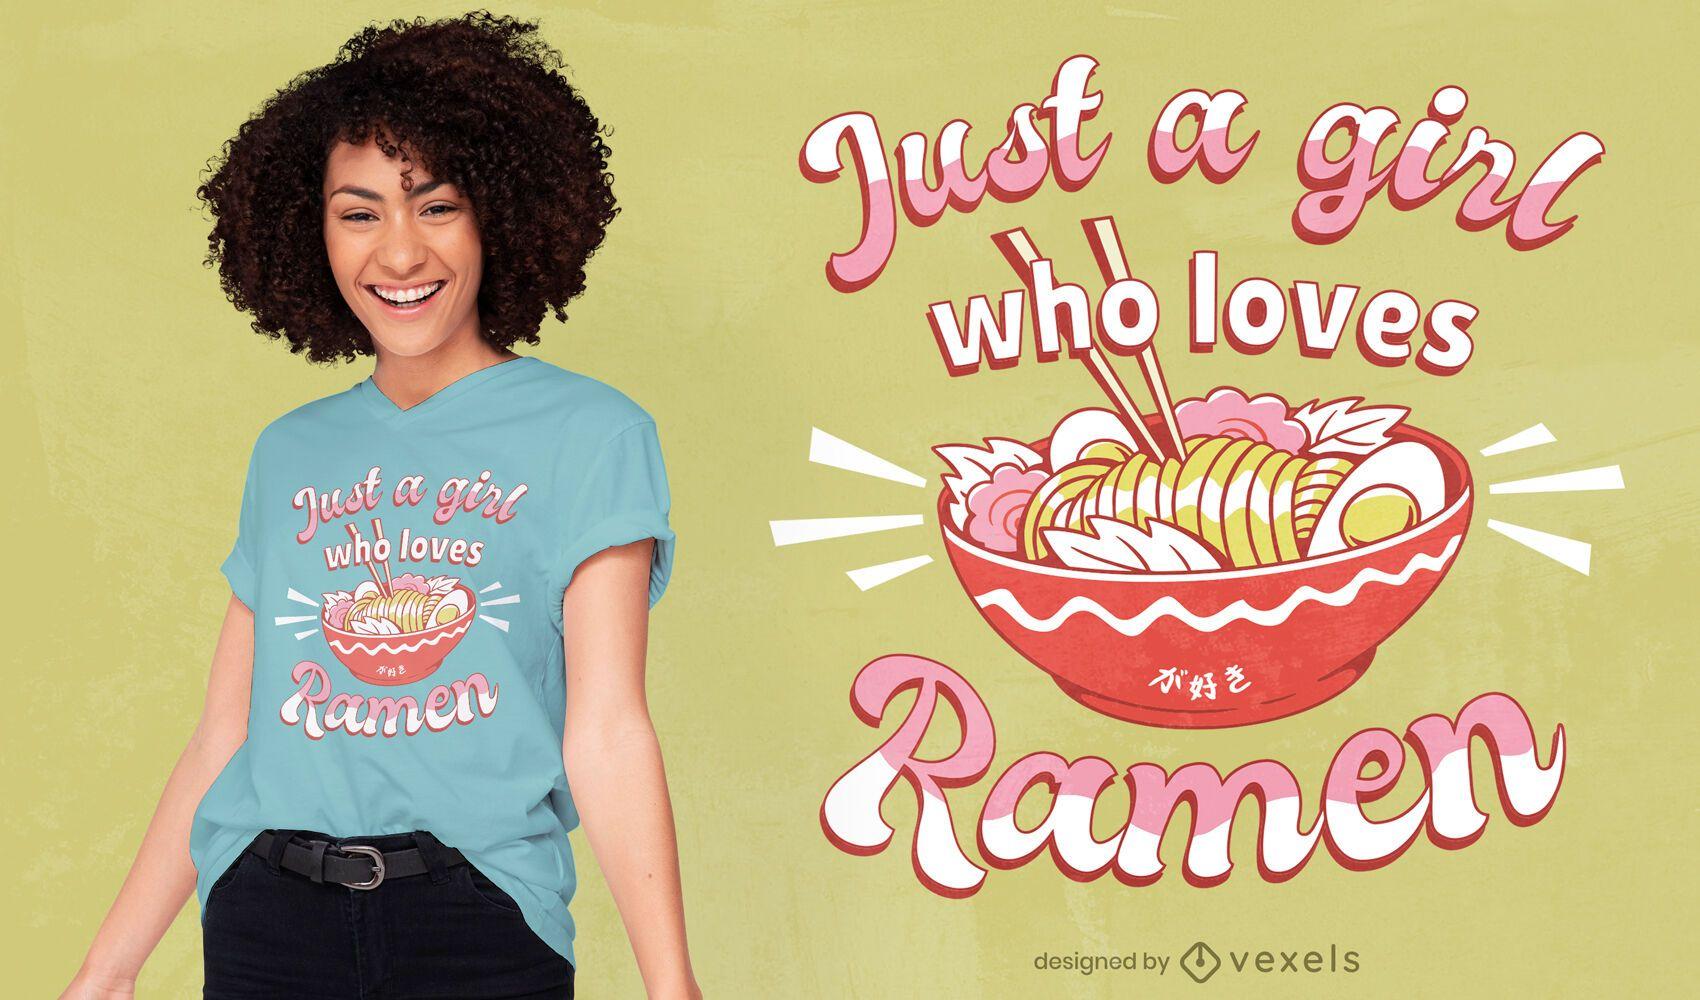 Ramen lover t-shirt design